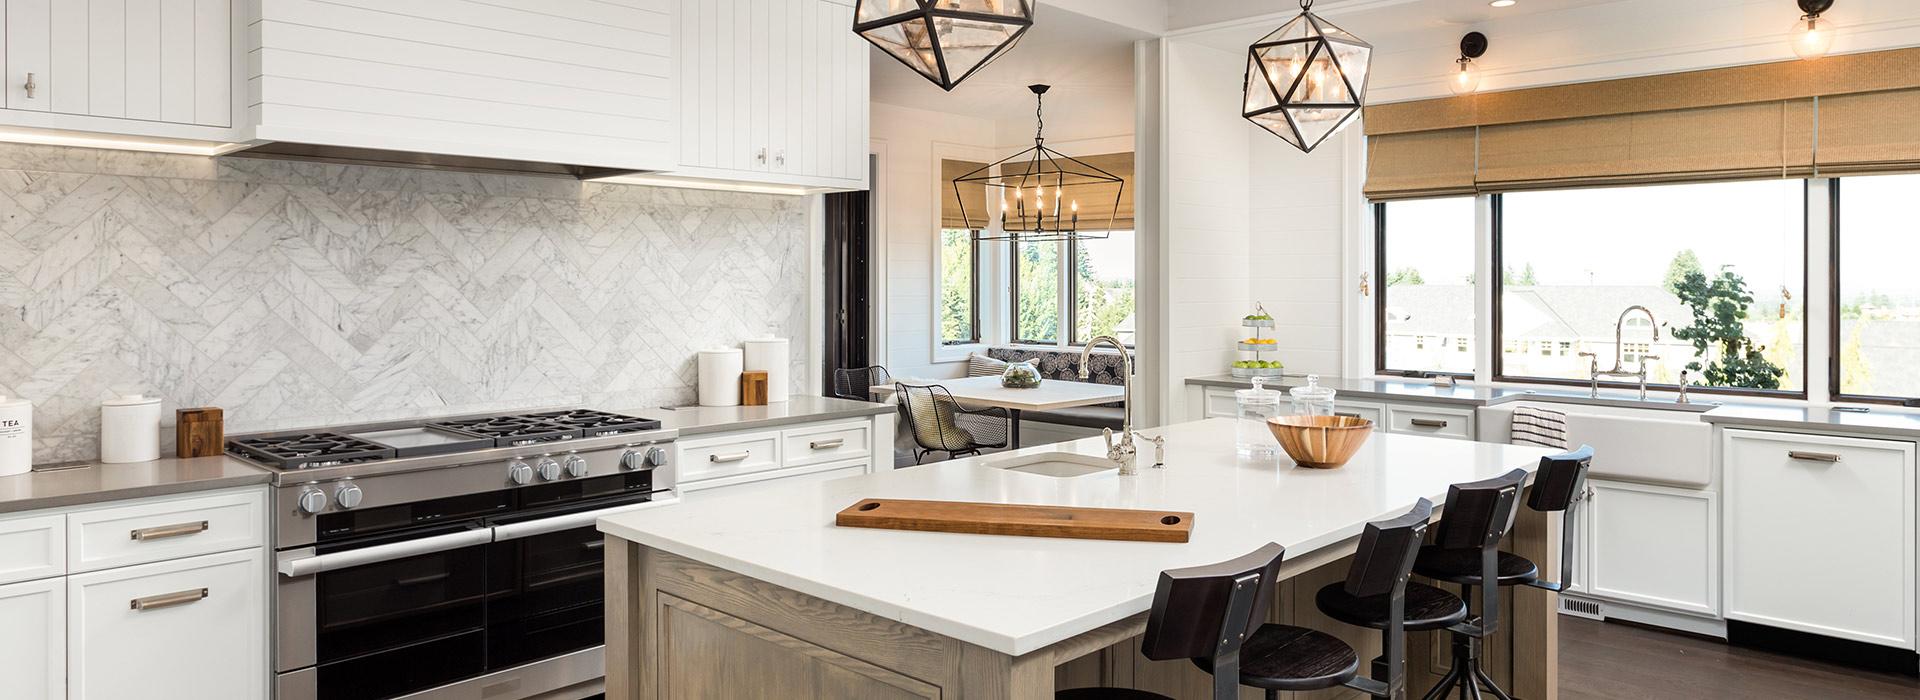 Kitchen Cabinets in Phoenix